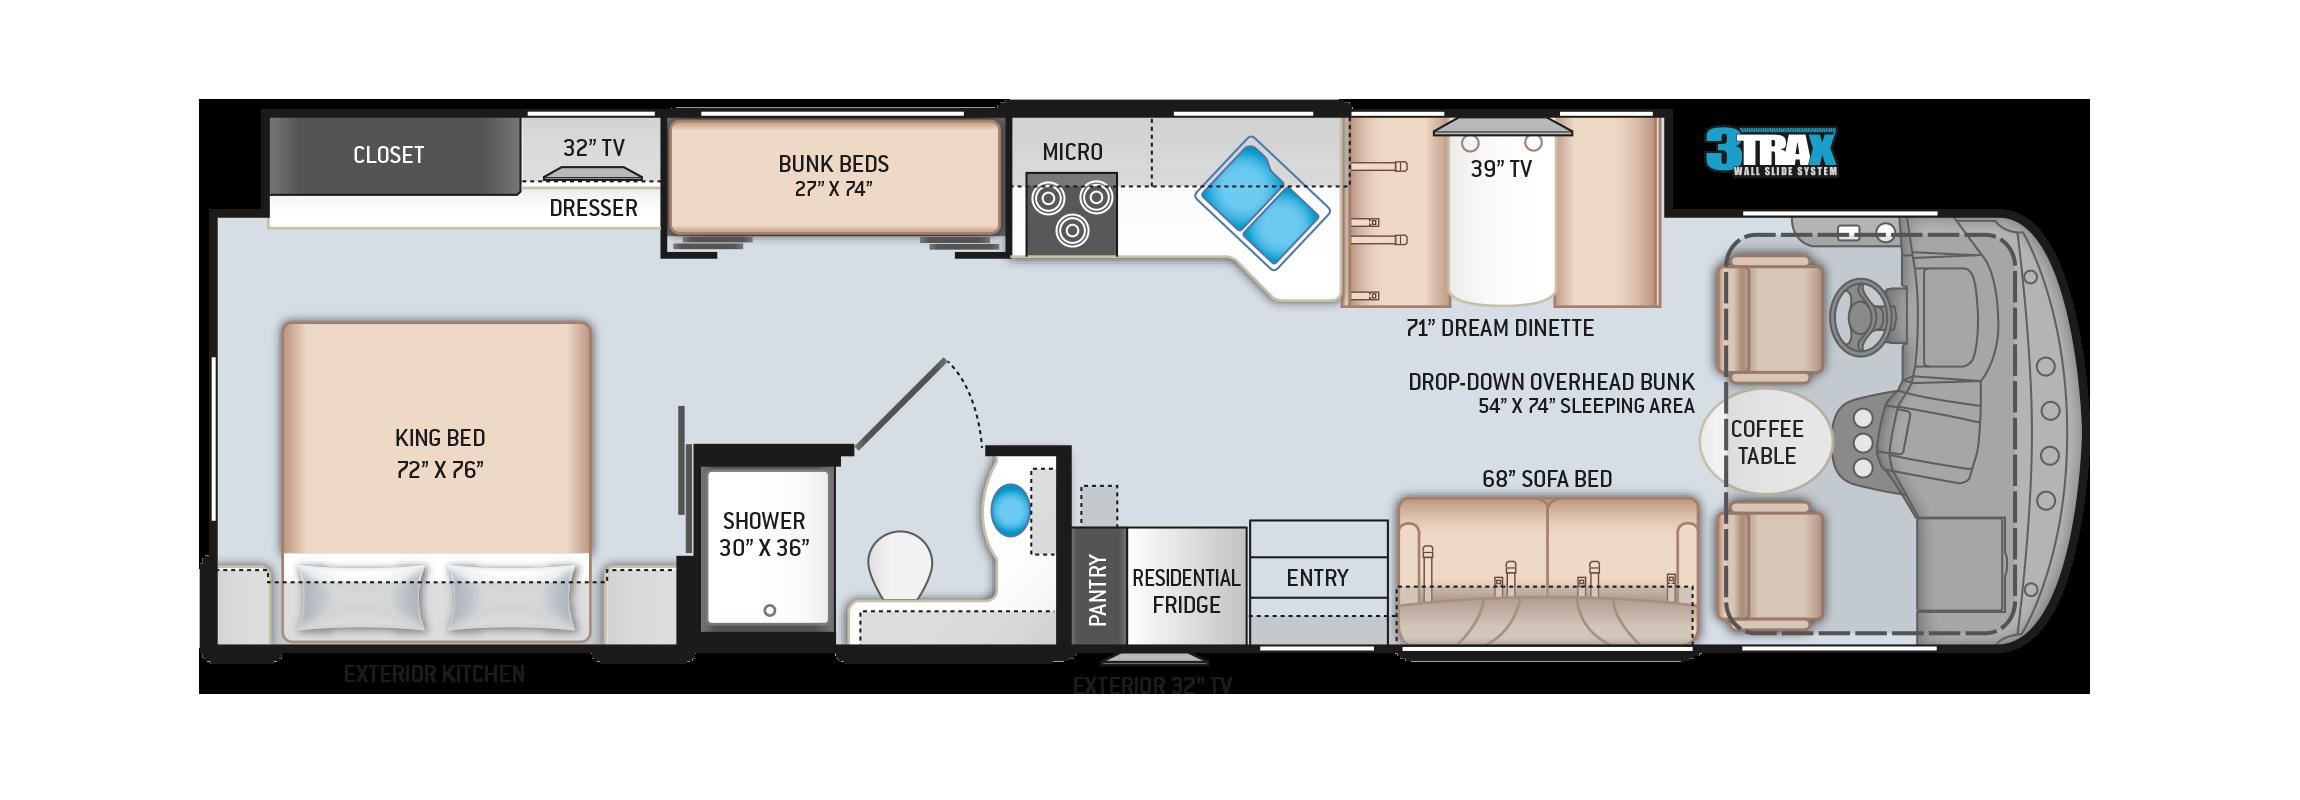 Windsport Class A Motorhome 34J Floor Plan